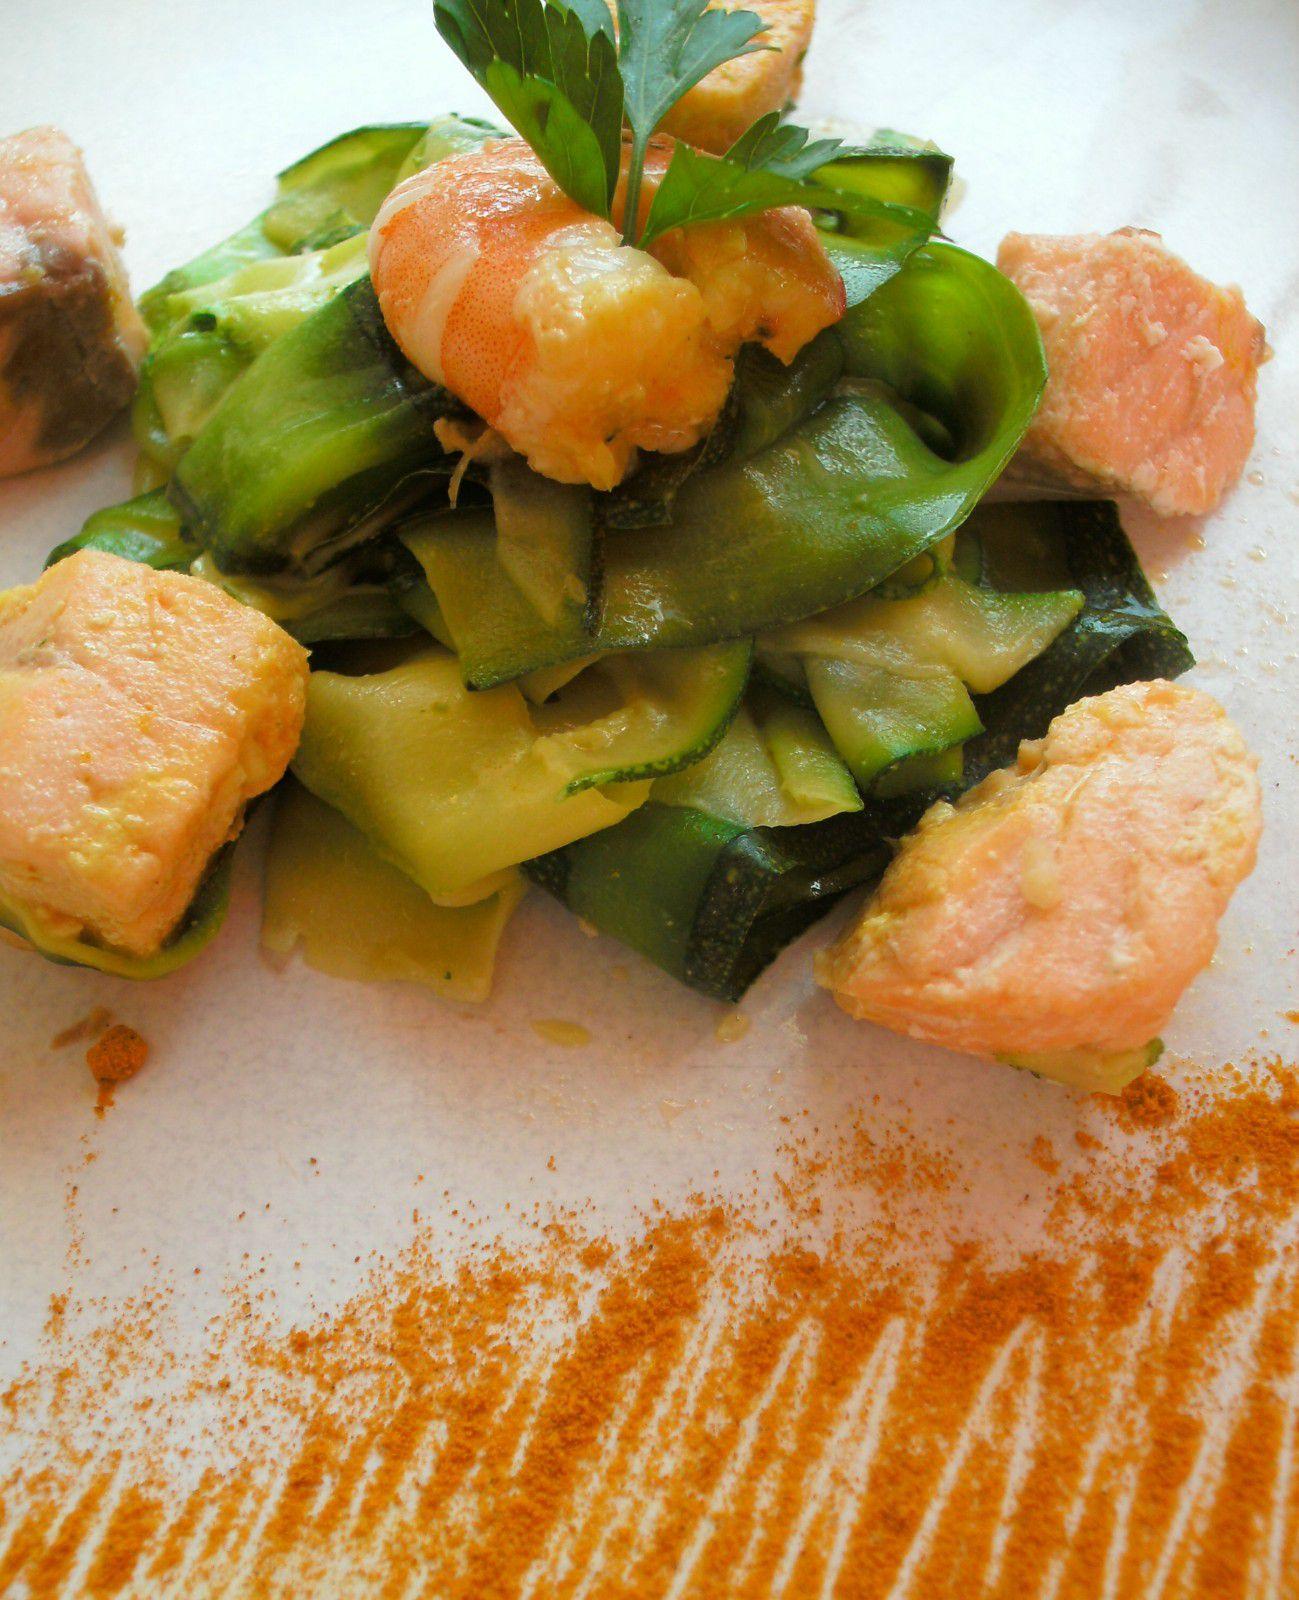 Que Manger Avec Du Saumon : manger, saumon, Tagliatelles, Courgettes, Saumon, Curcuma, Cuisine, Chocolat, Thermomix